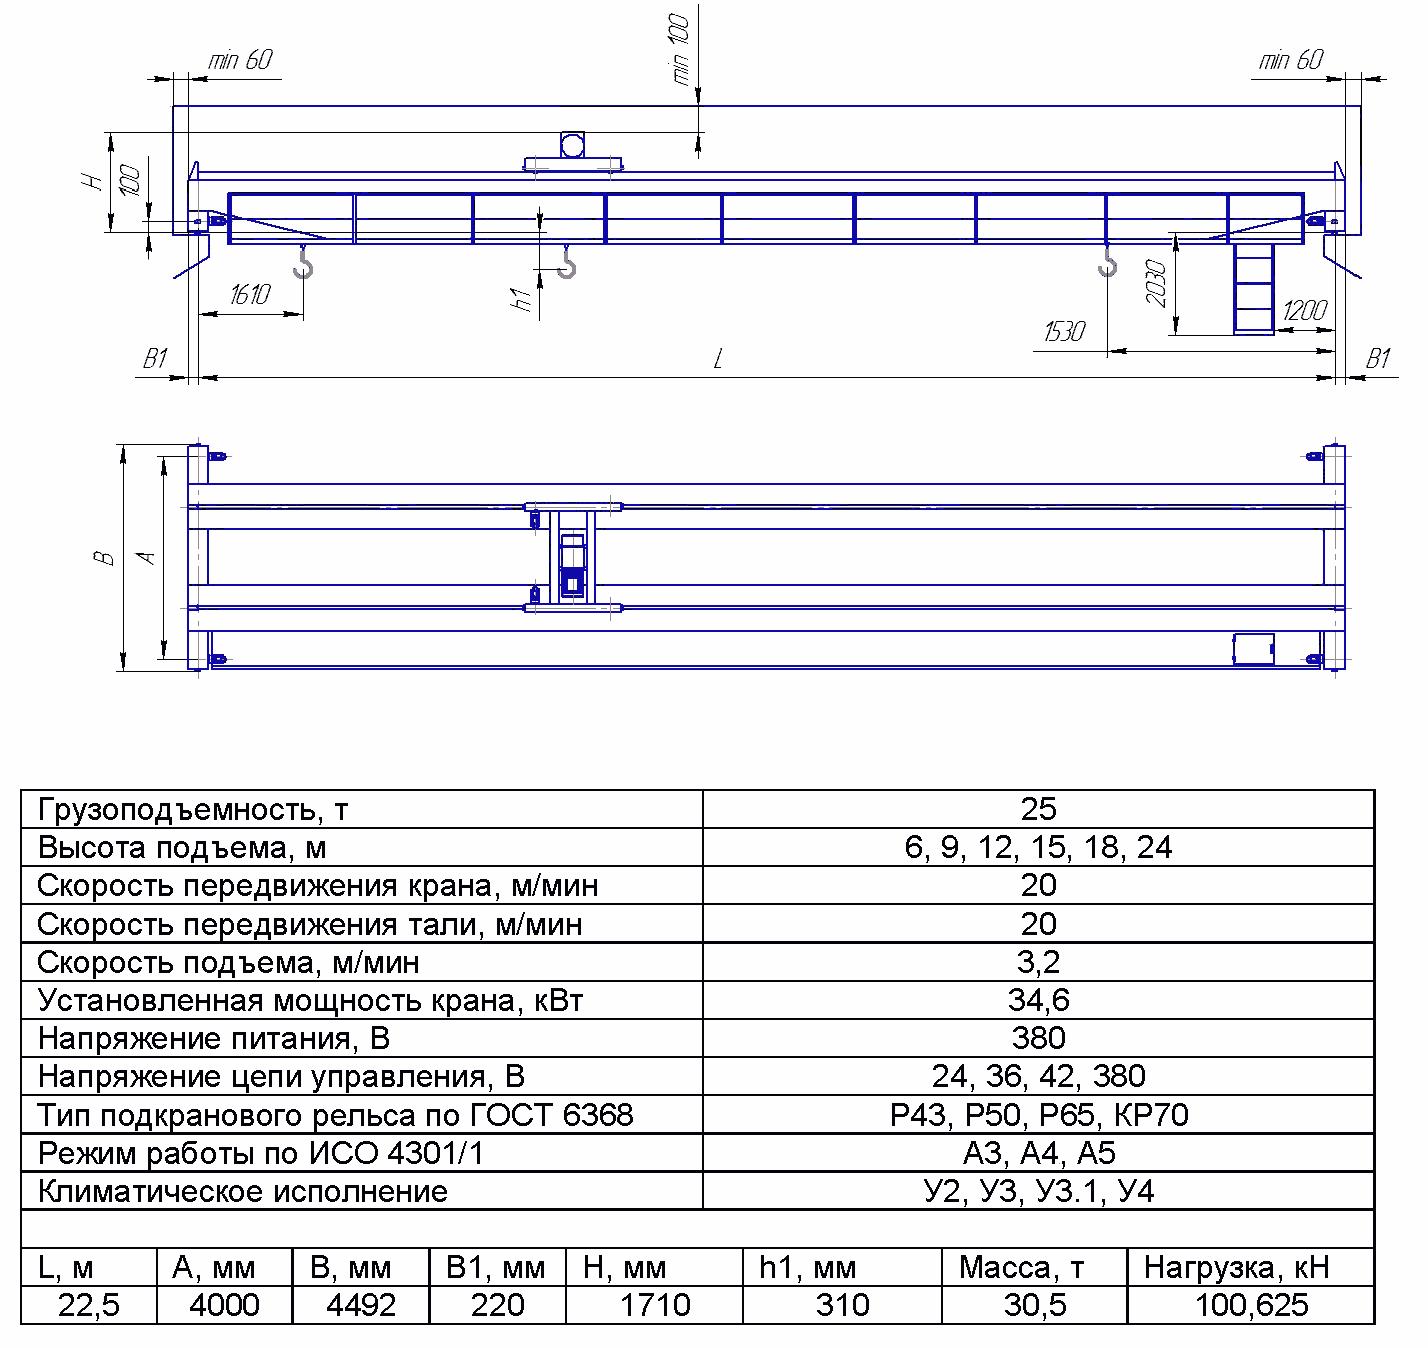 KMON 6 5 - Опорный мостовой кран общего назначения